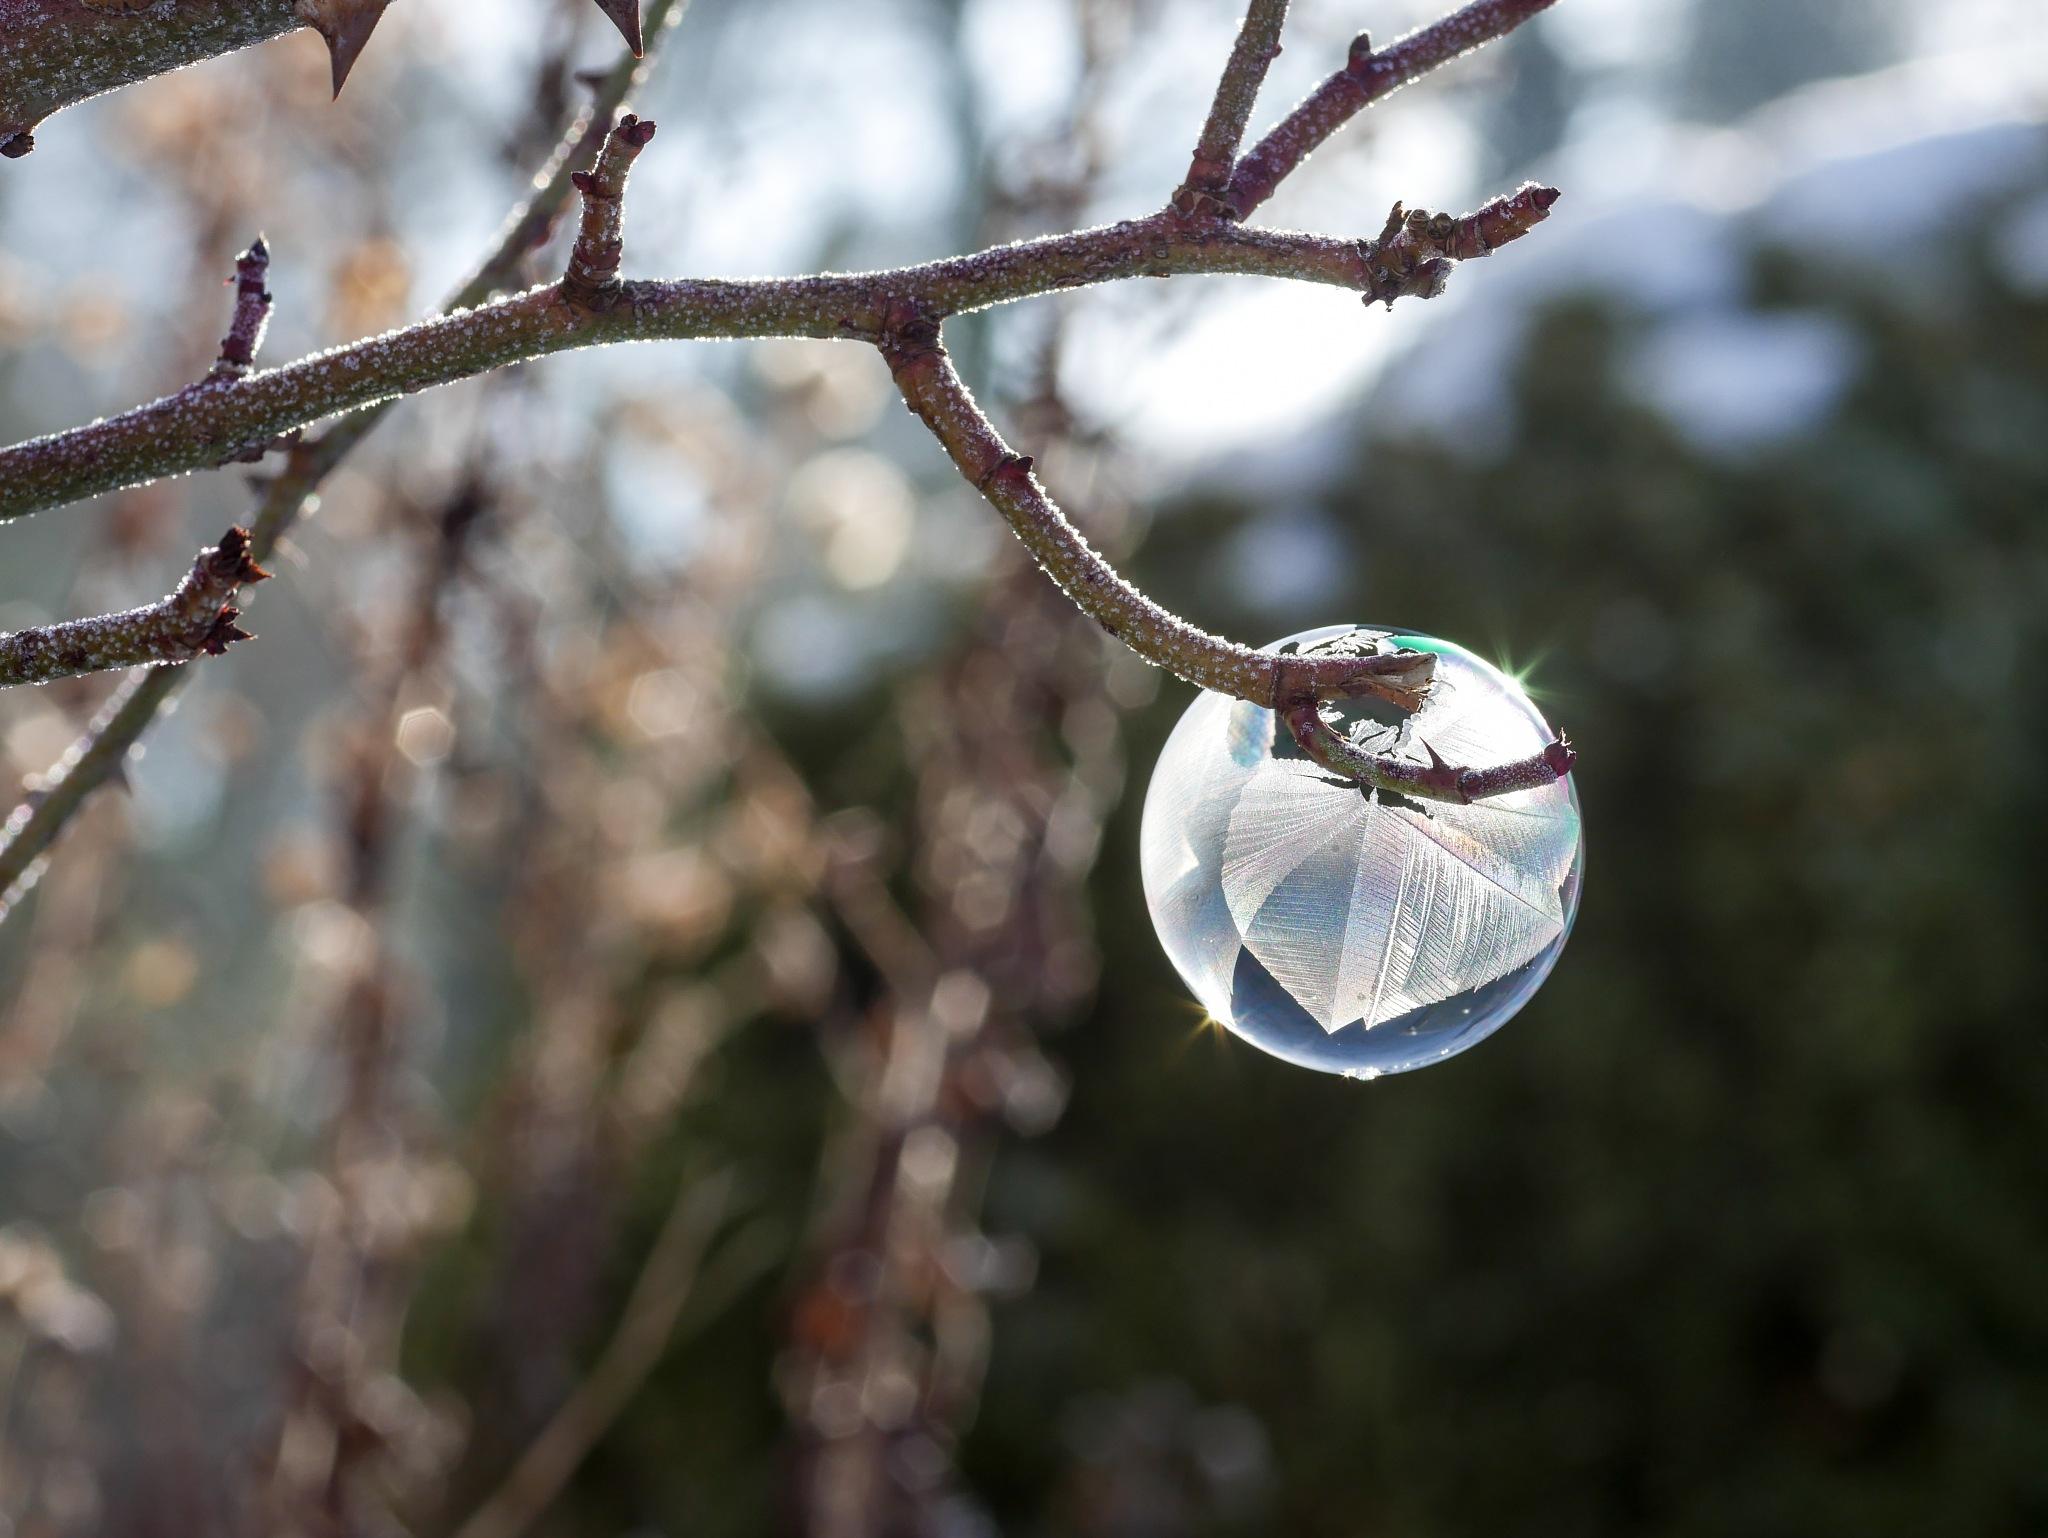 Breeze of spring by Stefanie Haas